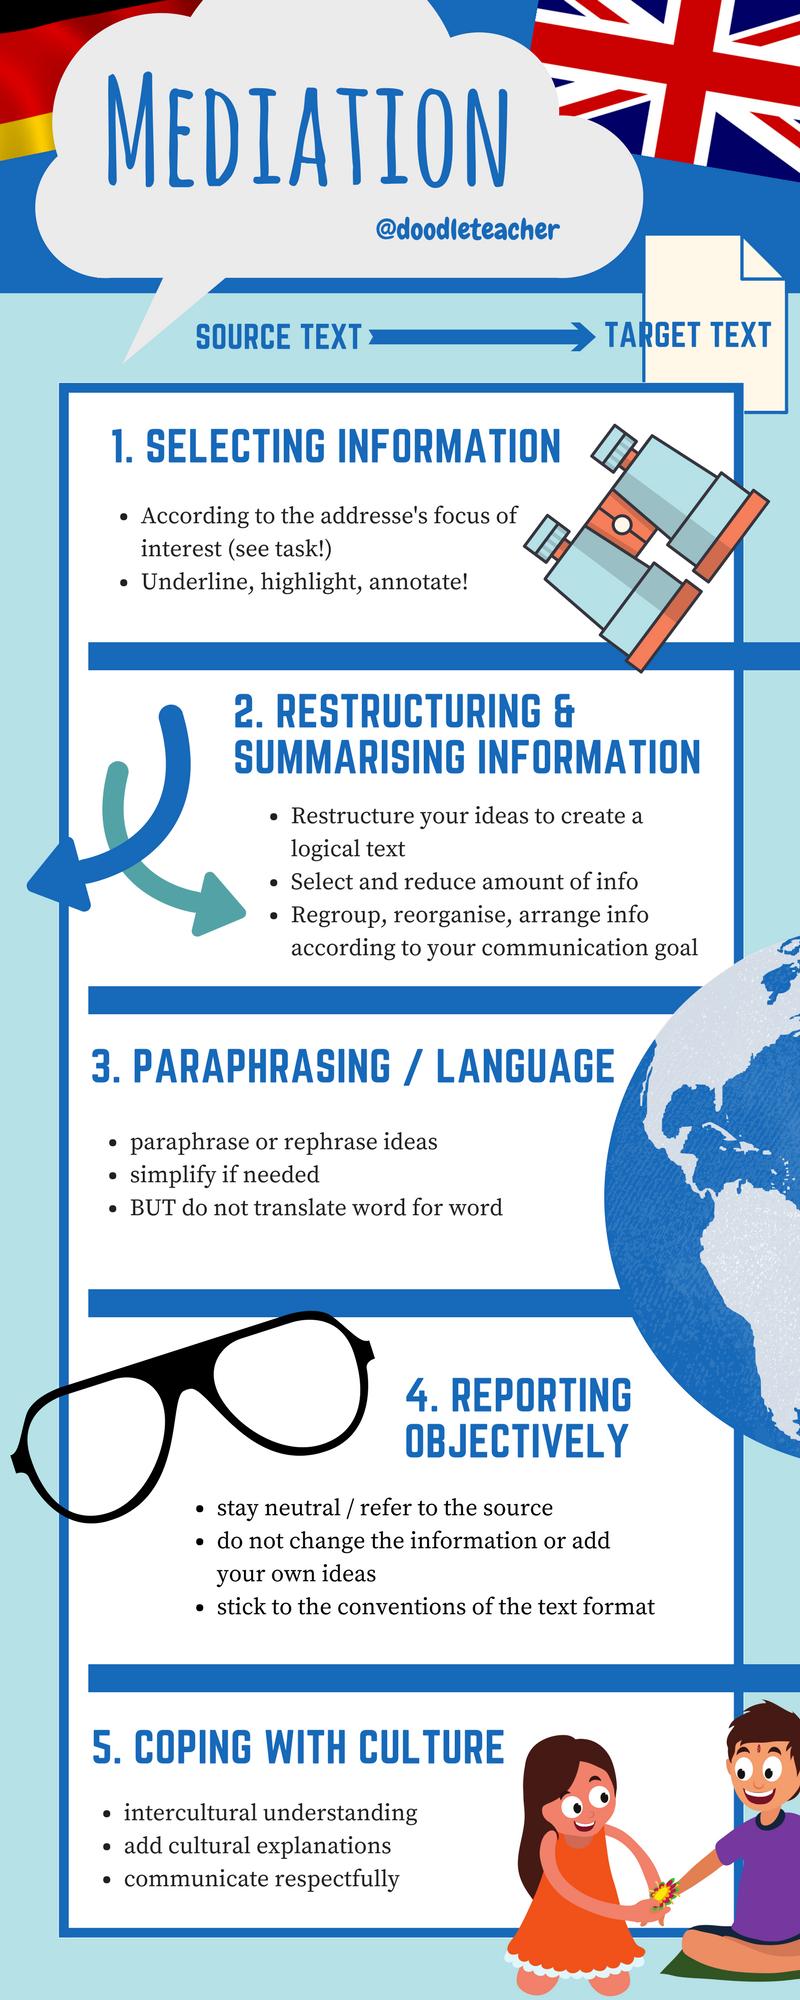 Mediation Sprachmittlung In Der Oberstufe Infografik Unterrichtsmaterial Im Fach Englisch Englischunterricht Lehrmaterial Unterrichtsmaterial